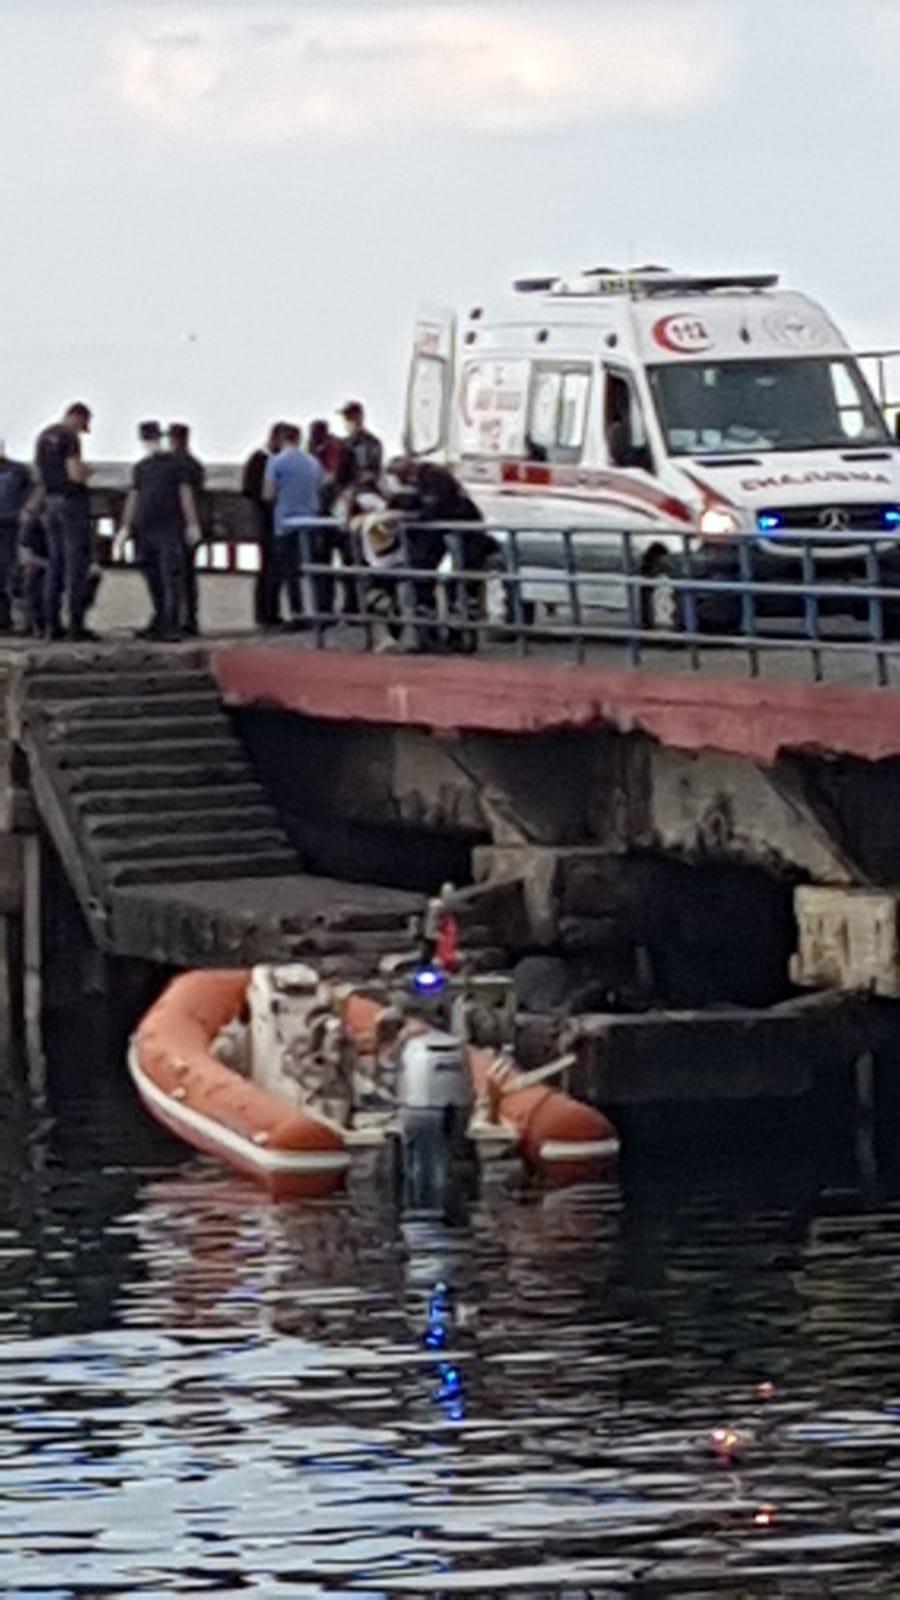 Akçaabat ilçesinde balıkçı ağına ceset takıldı